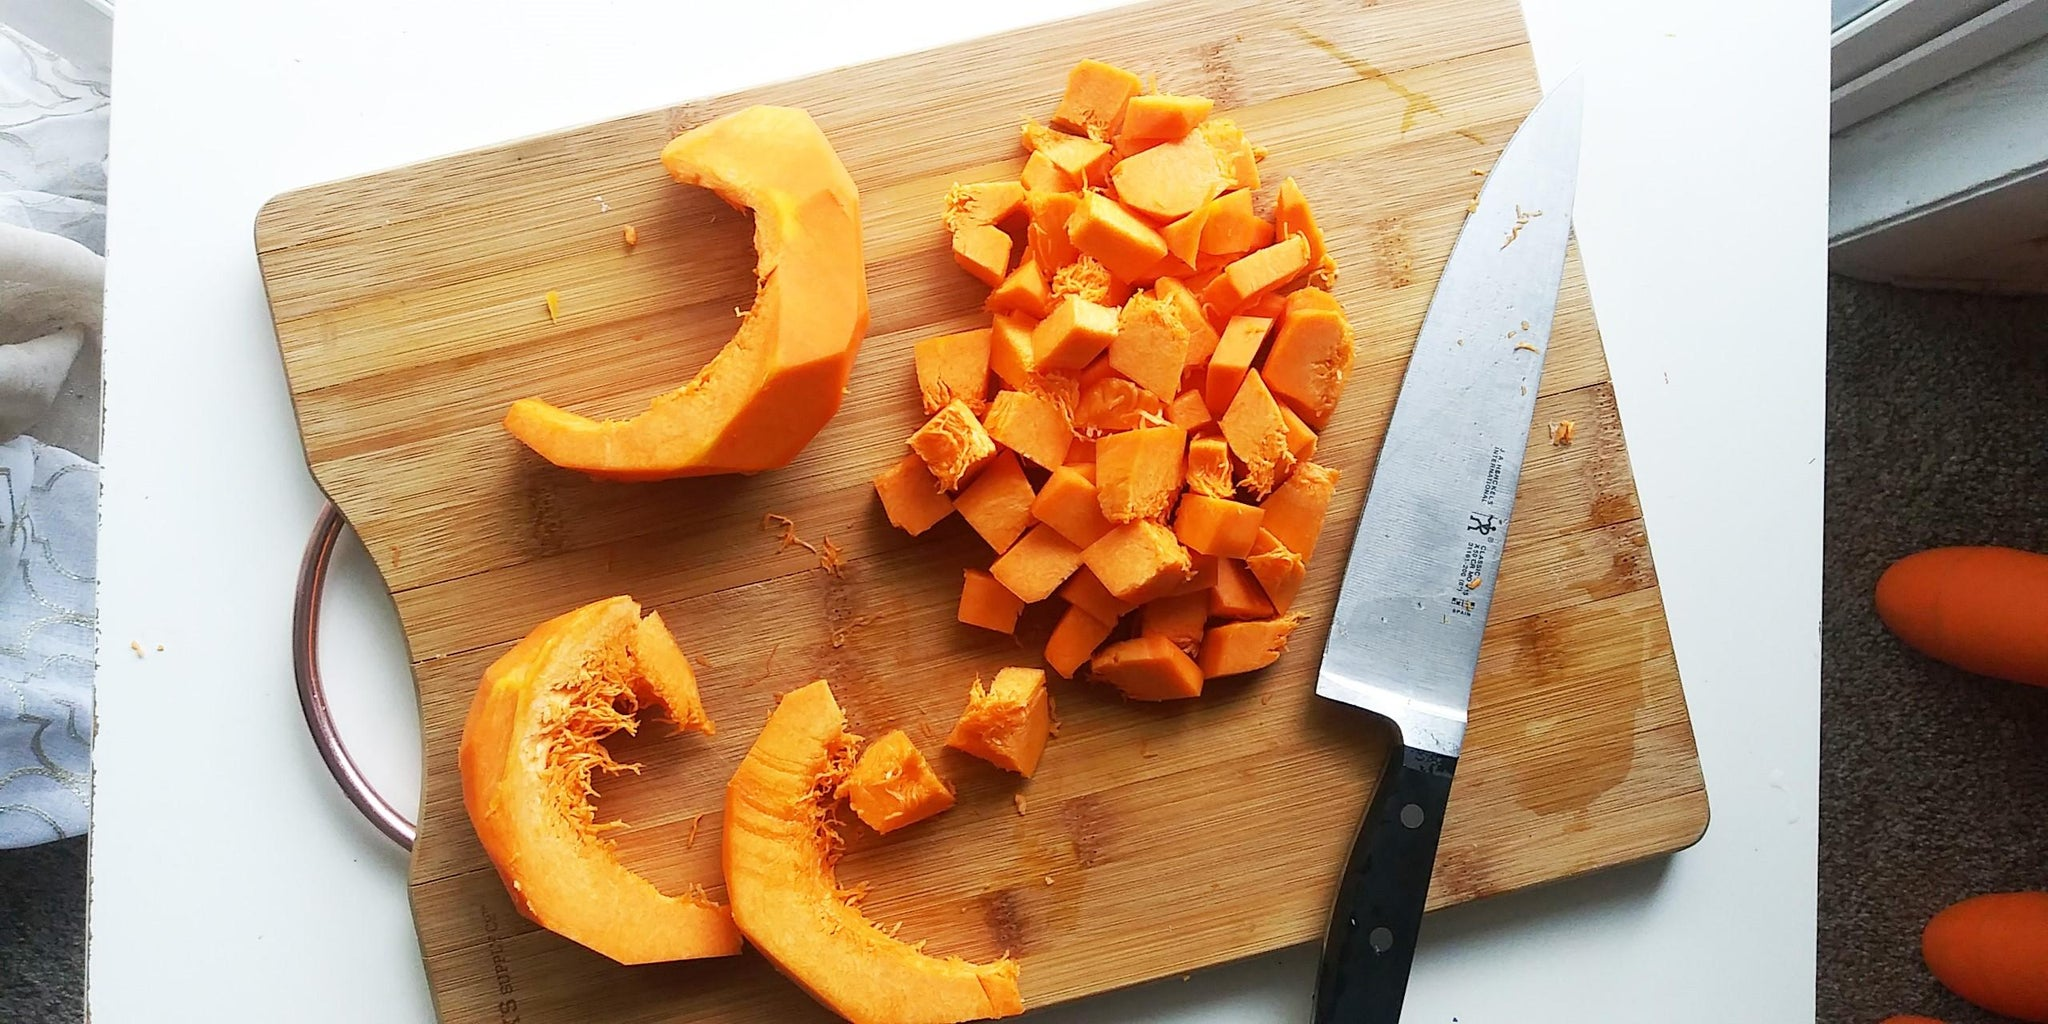 To Make Homemade Pumpkin Puree